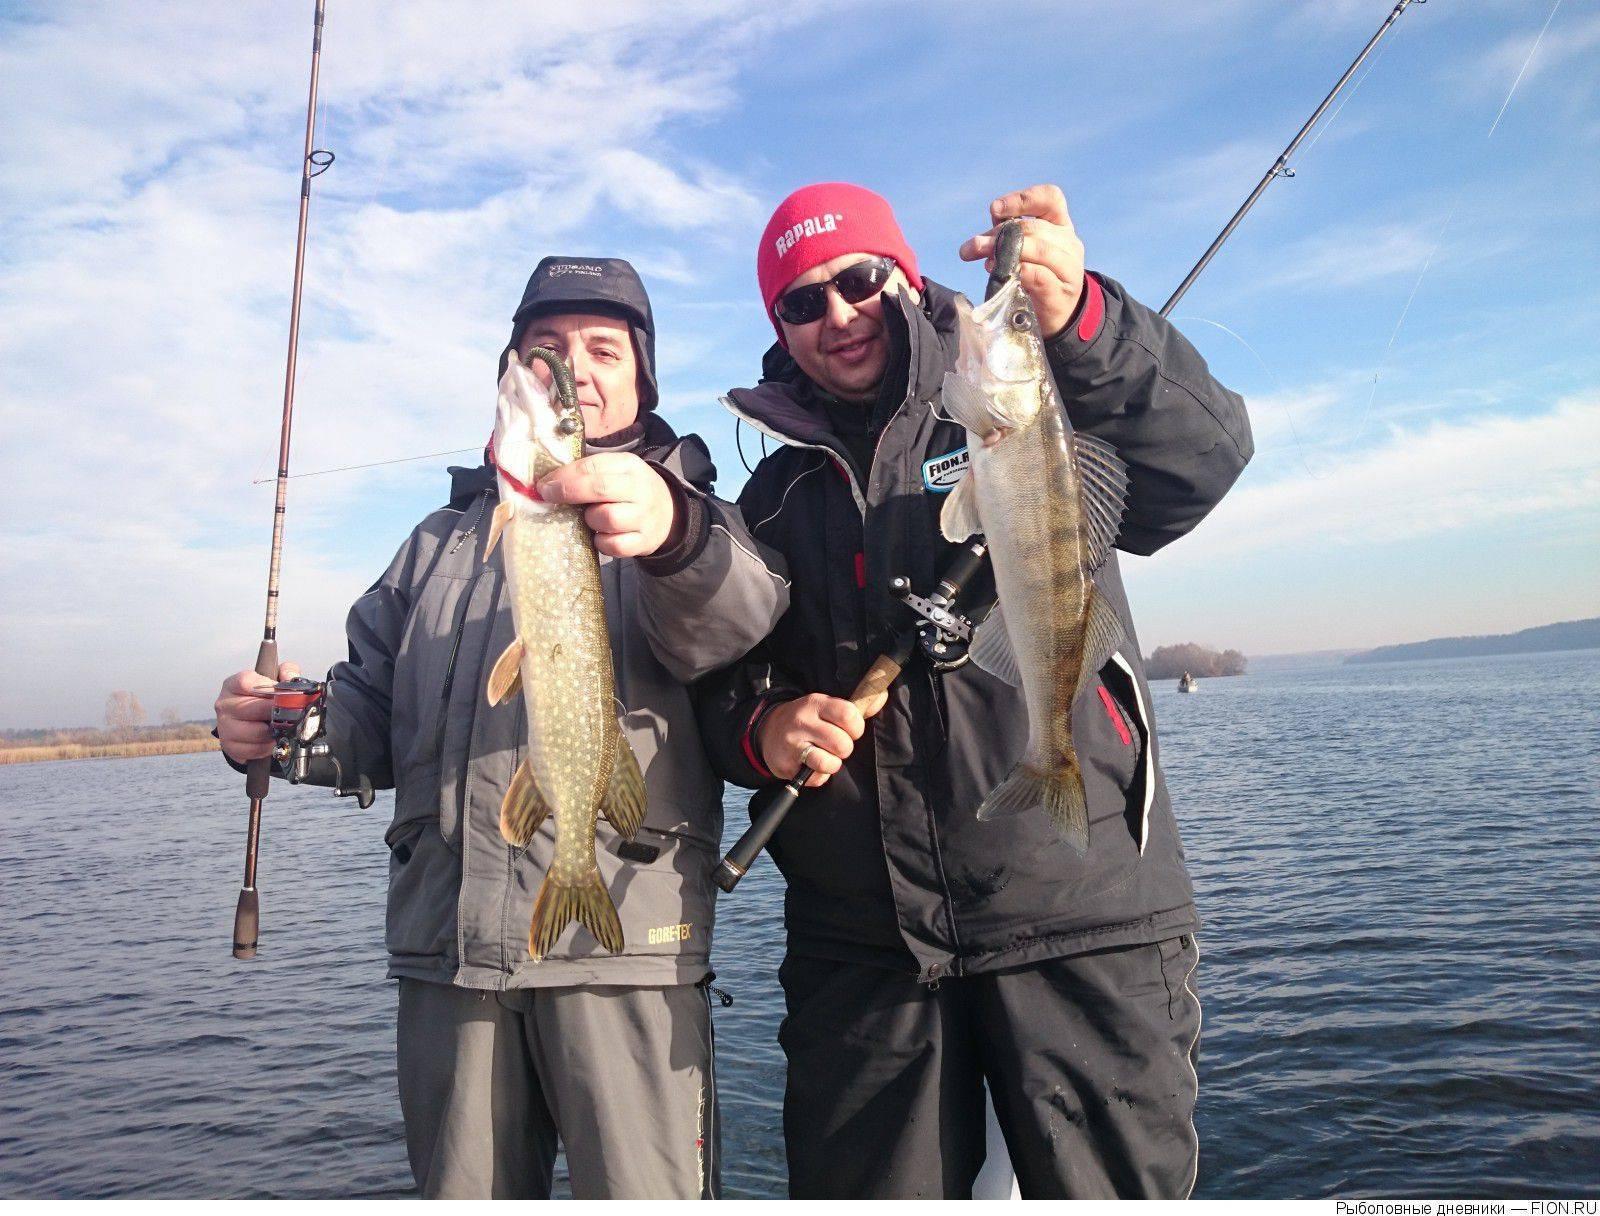 Базы отдыха в чувашии (для отдыха с рыбалкой) - цены и особенности зимнего отдыха